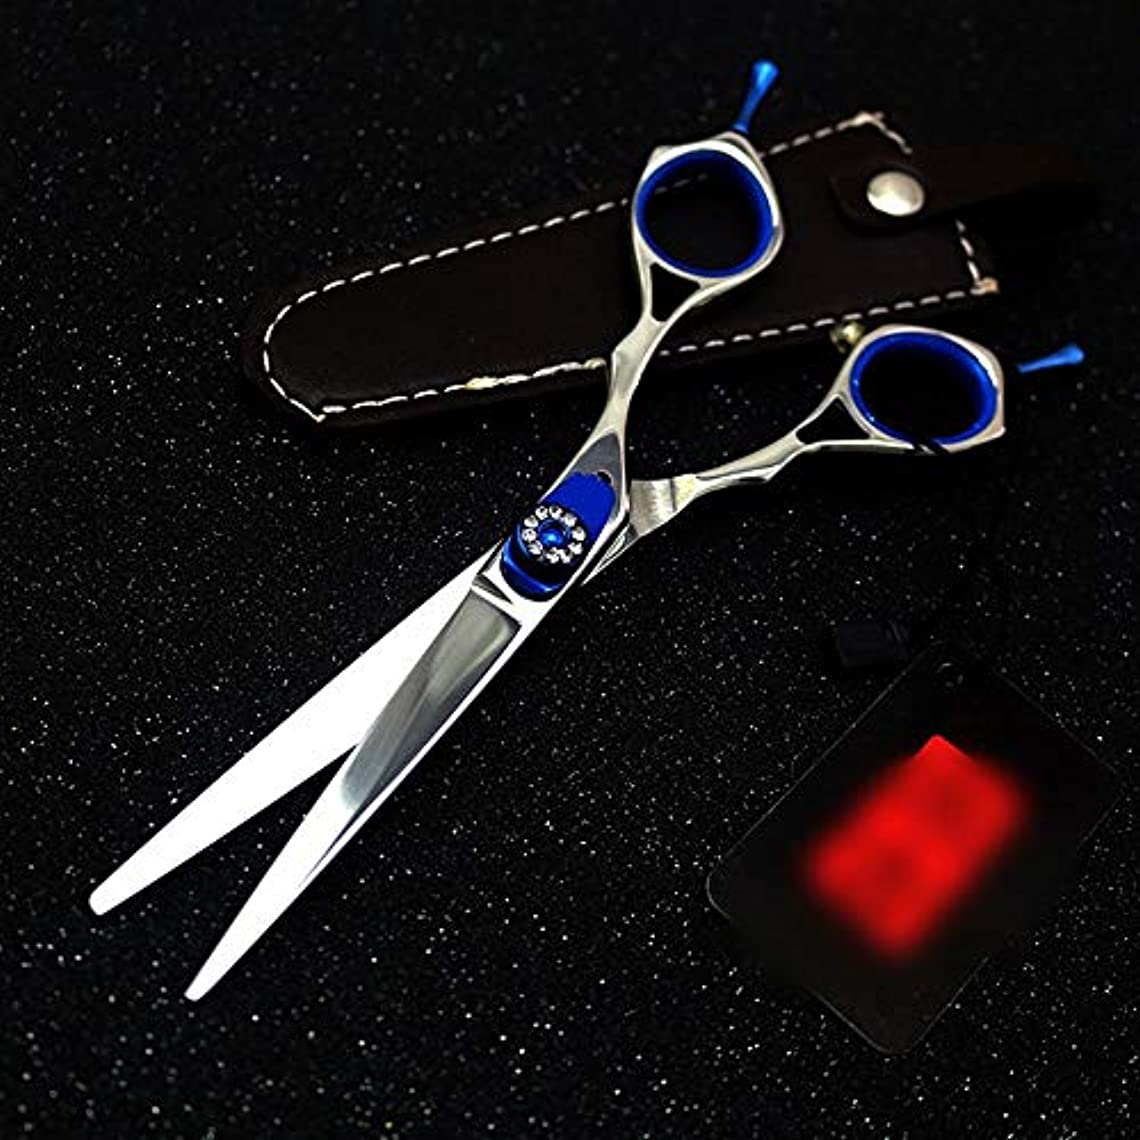 ほこりジュニアマスク6インチプロフェッショナル両面理髪はさみ、宝石用原石理髪プロフェッショナルはさみ ヘアケア (色 : 青)